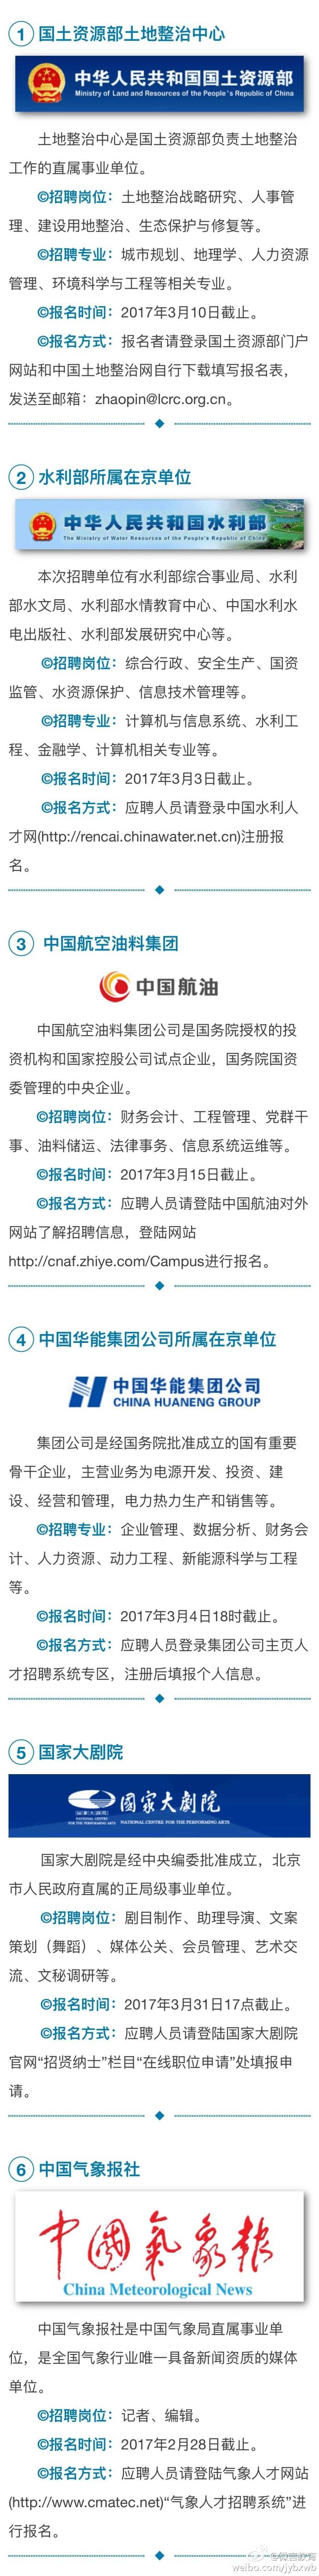 最新国企、事业单位招聘信息大汇总(2月)